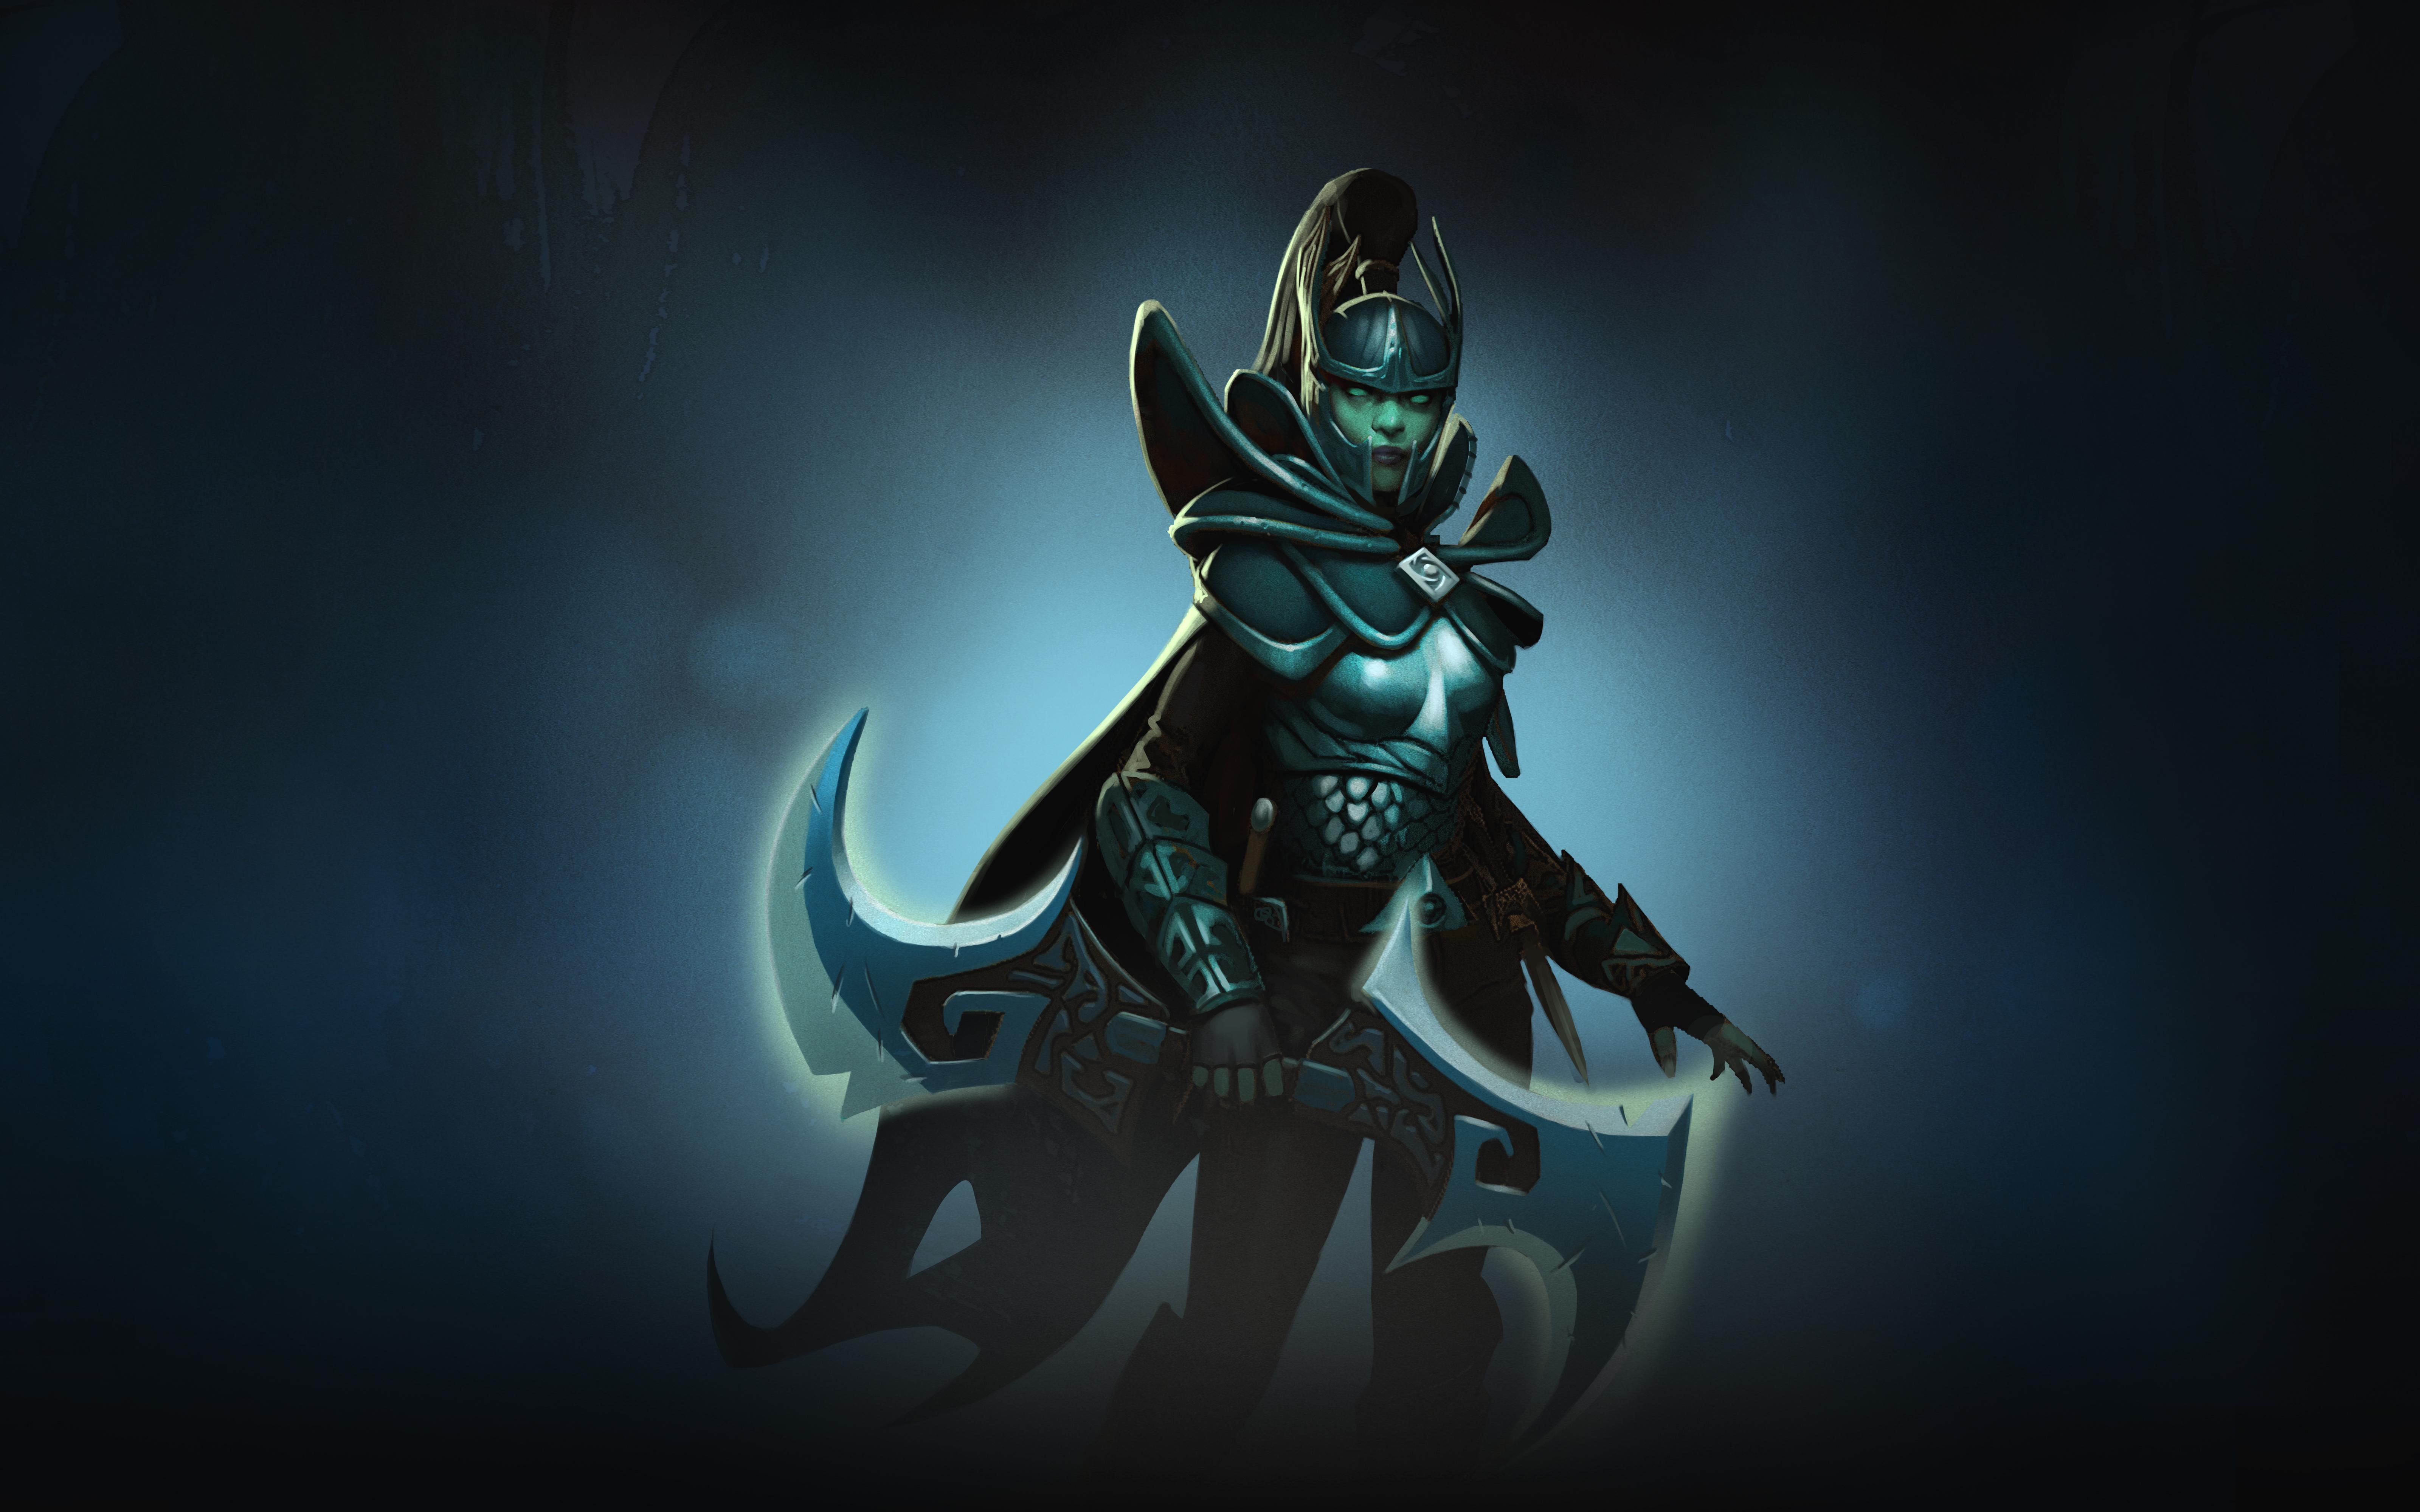 phantom_assassin_wallpaper.jpg